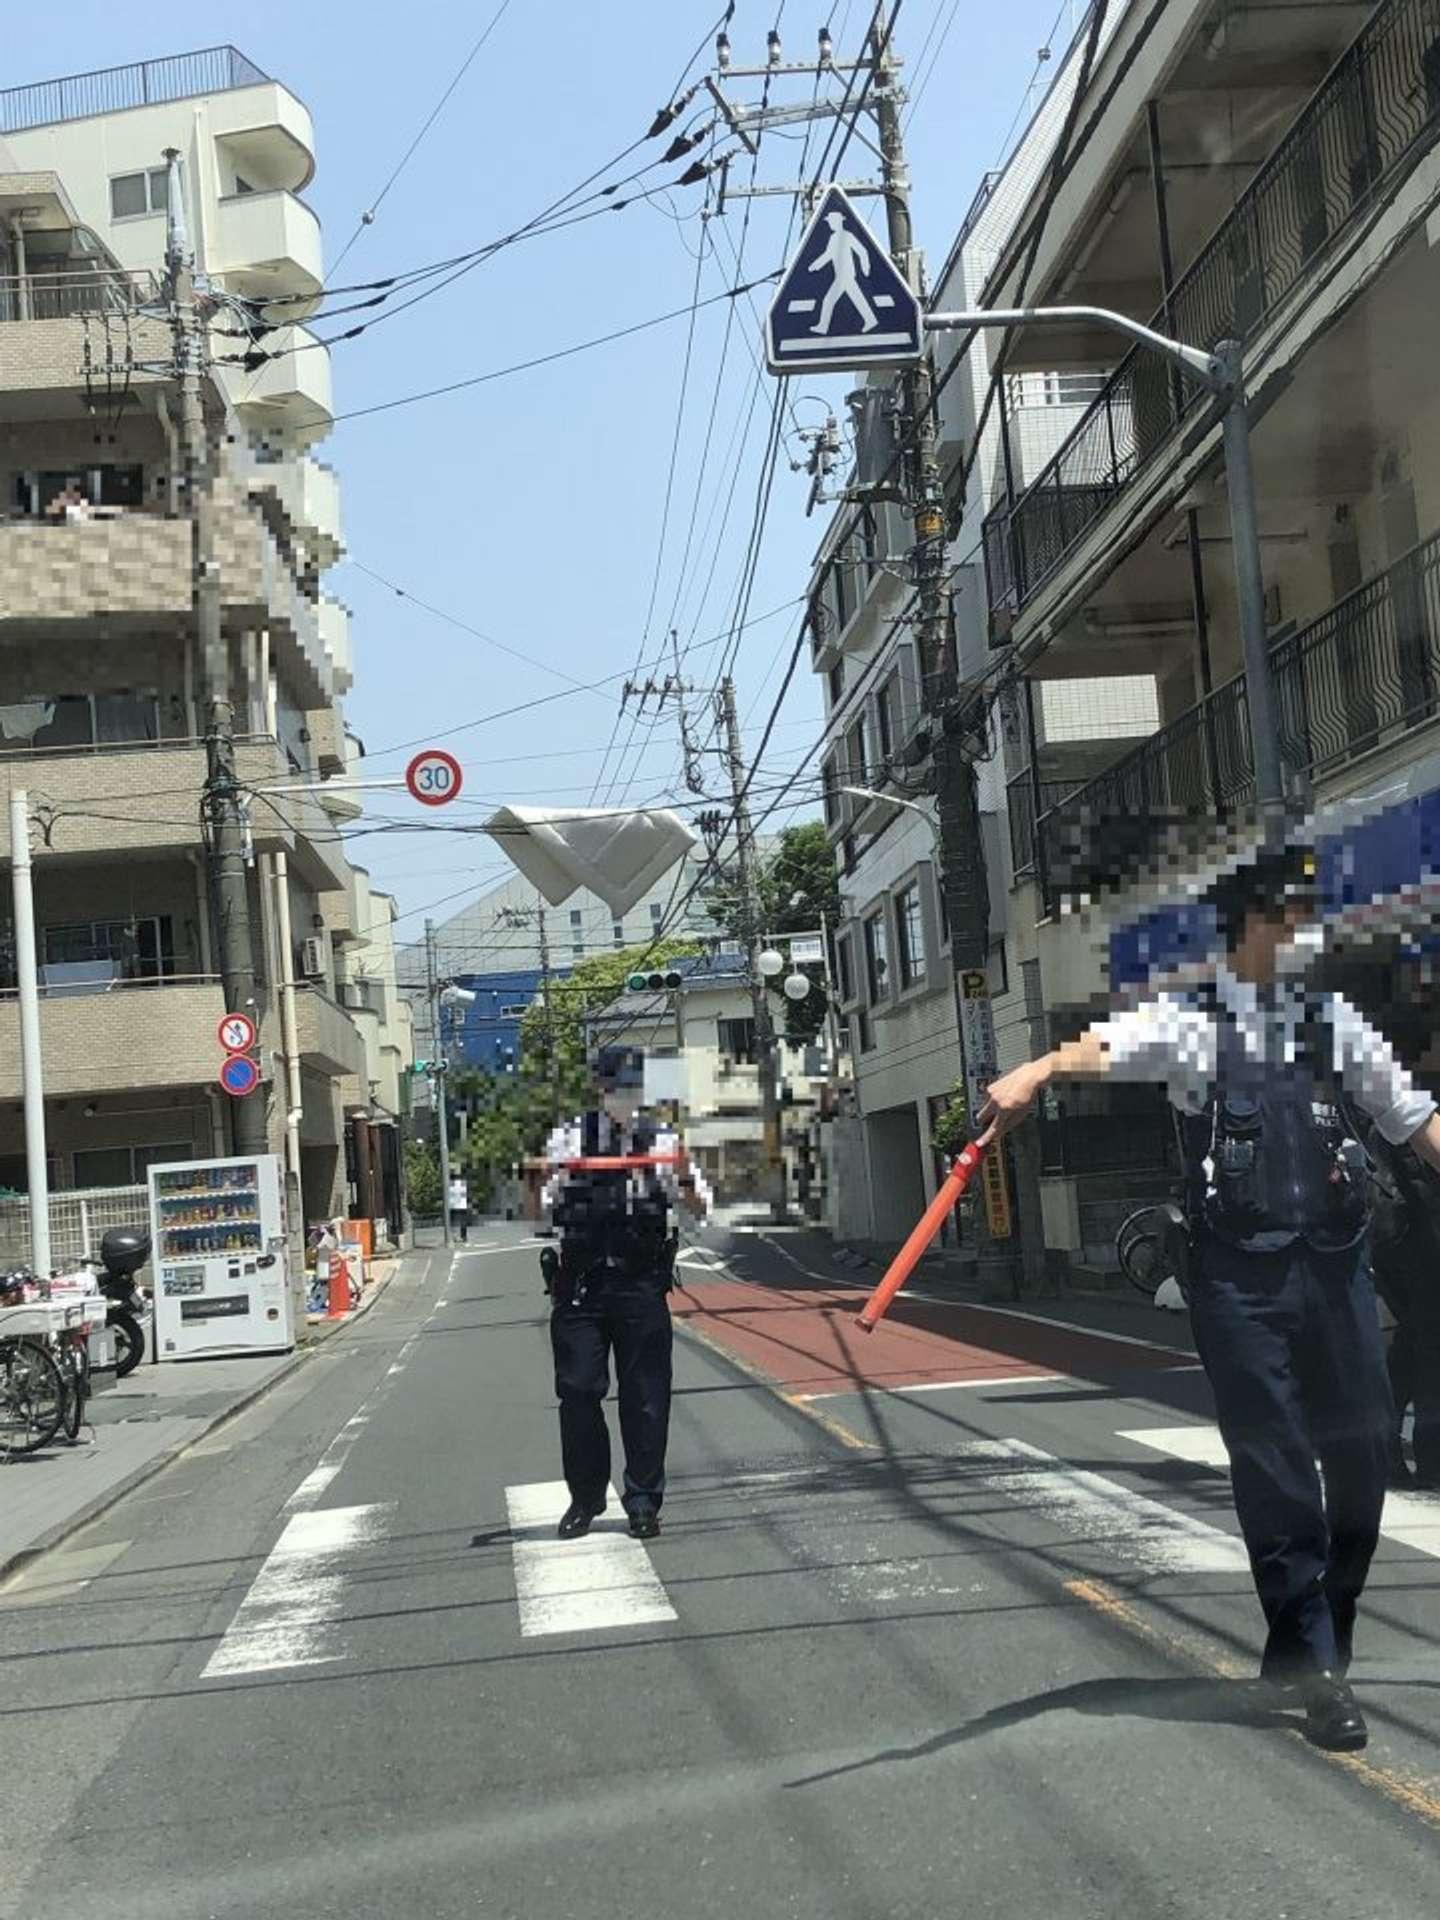 電線に布団が引っかかっている(写真はsatoimo@m870wildboarさんのツイートより・編集部で一部加工)